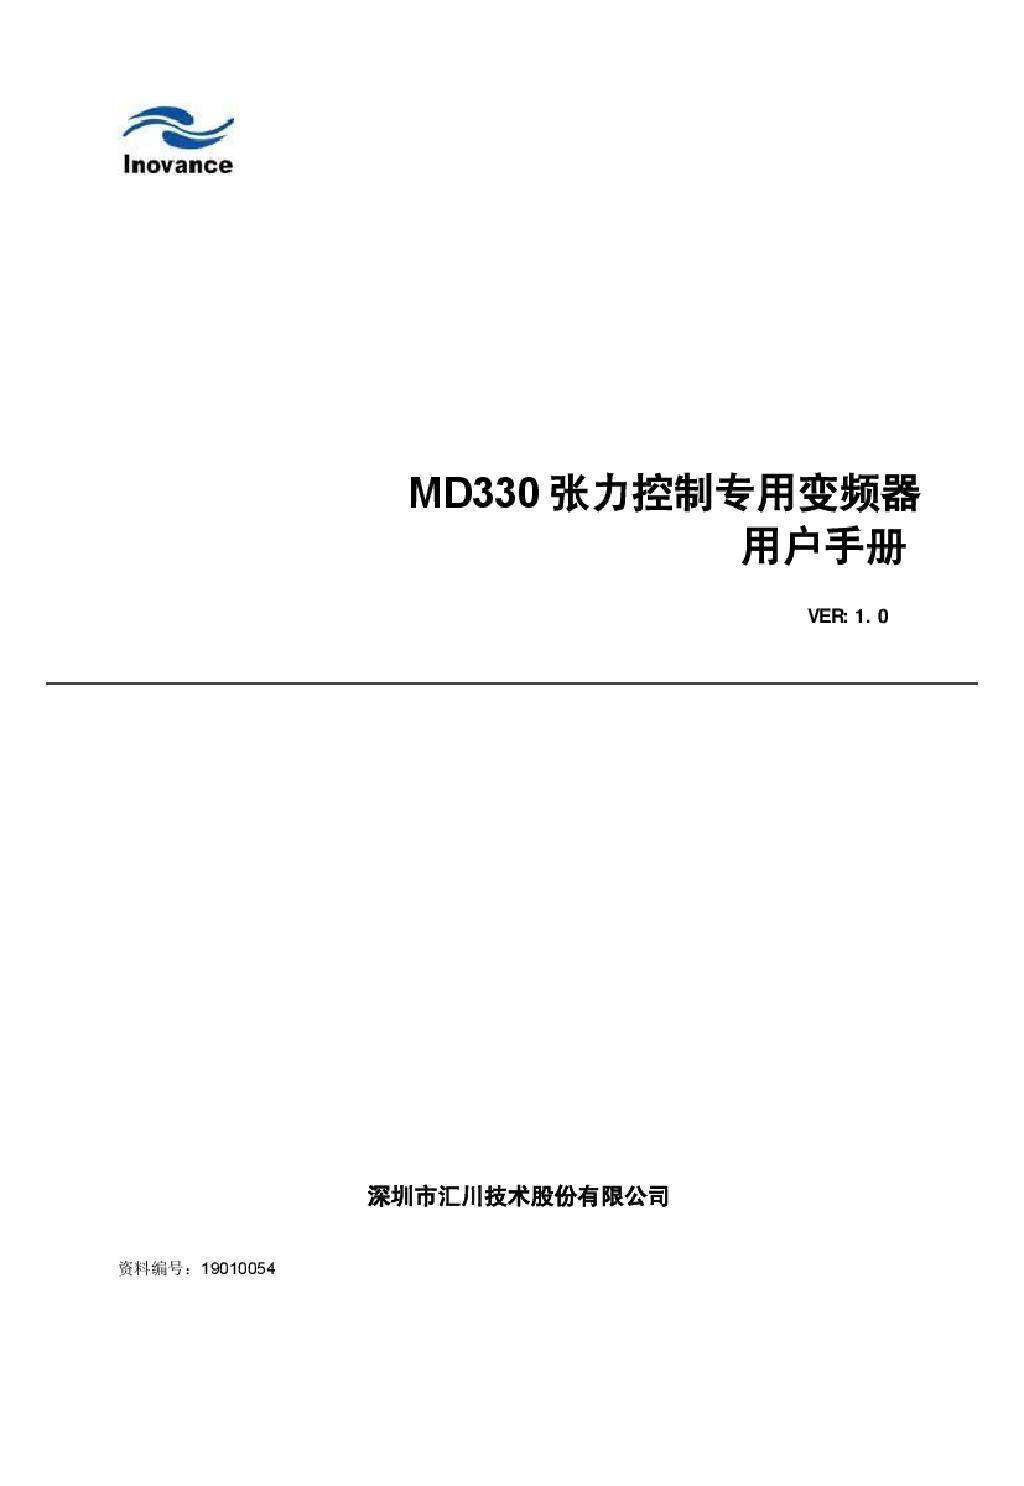 汇川变频器MD330 收卷专用 样本说明书